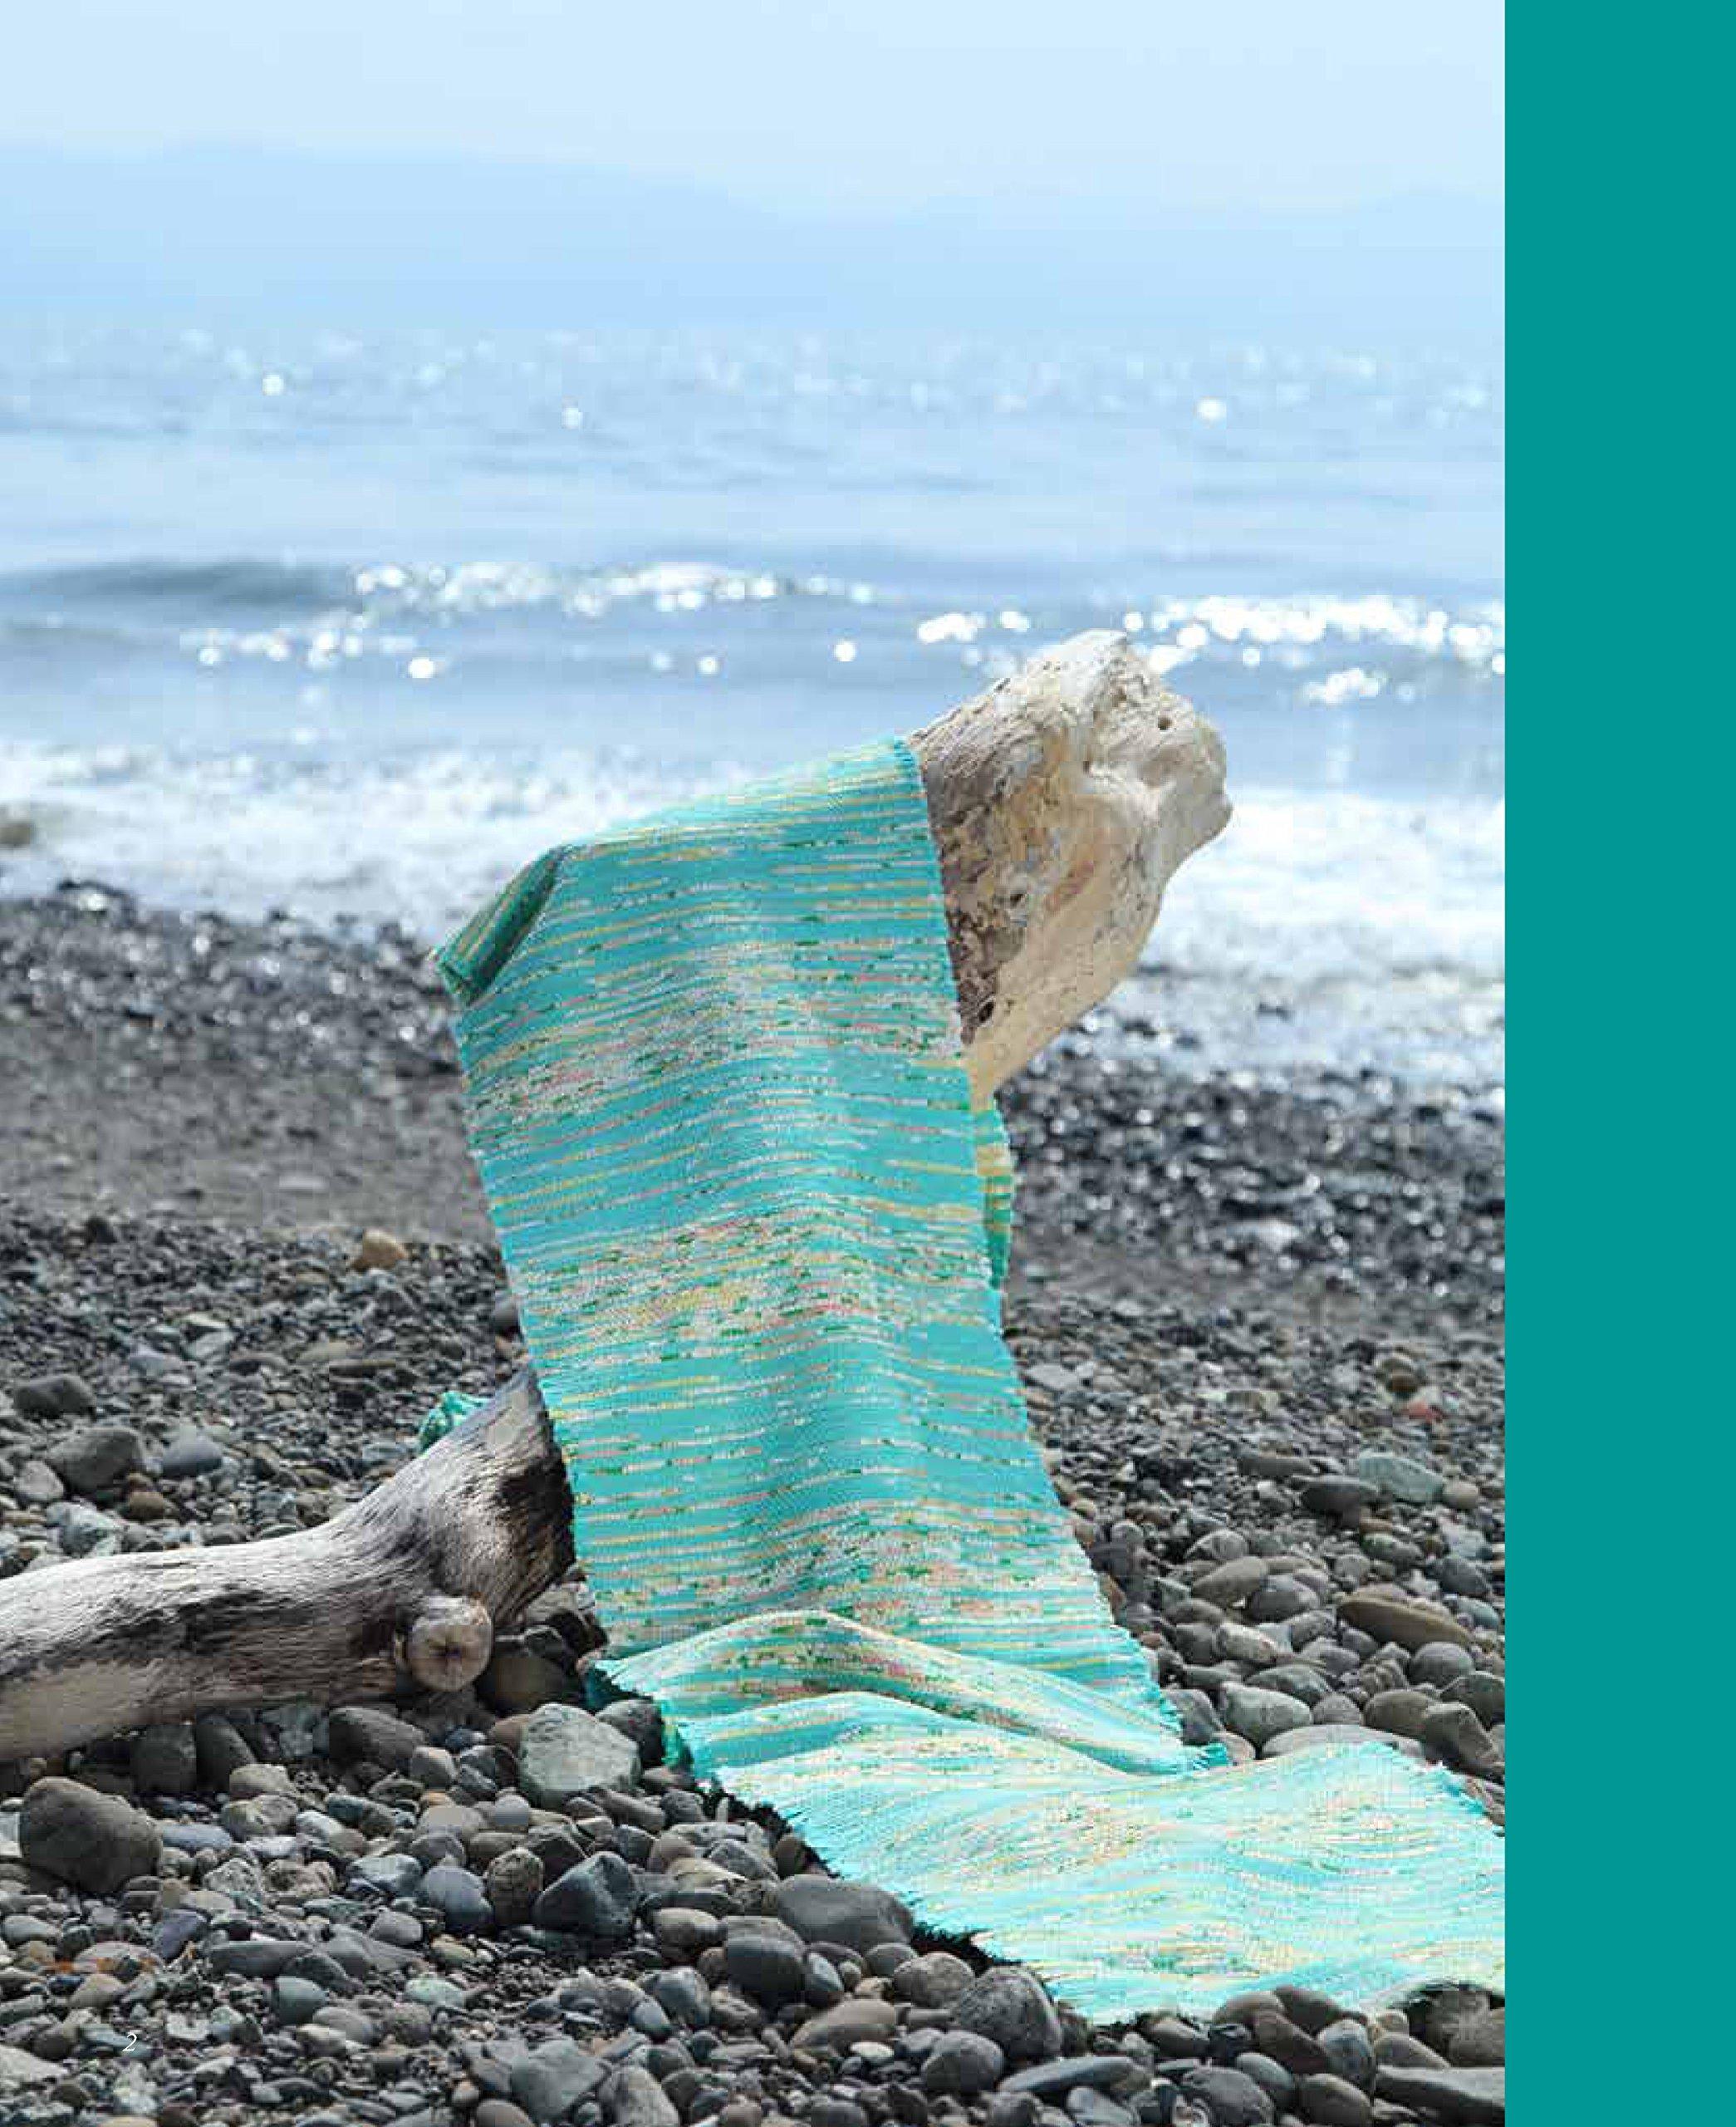 ハーフバイアス裂織~着物地の美しさを生かして~